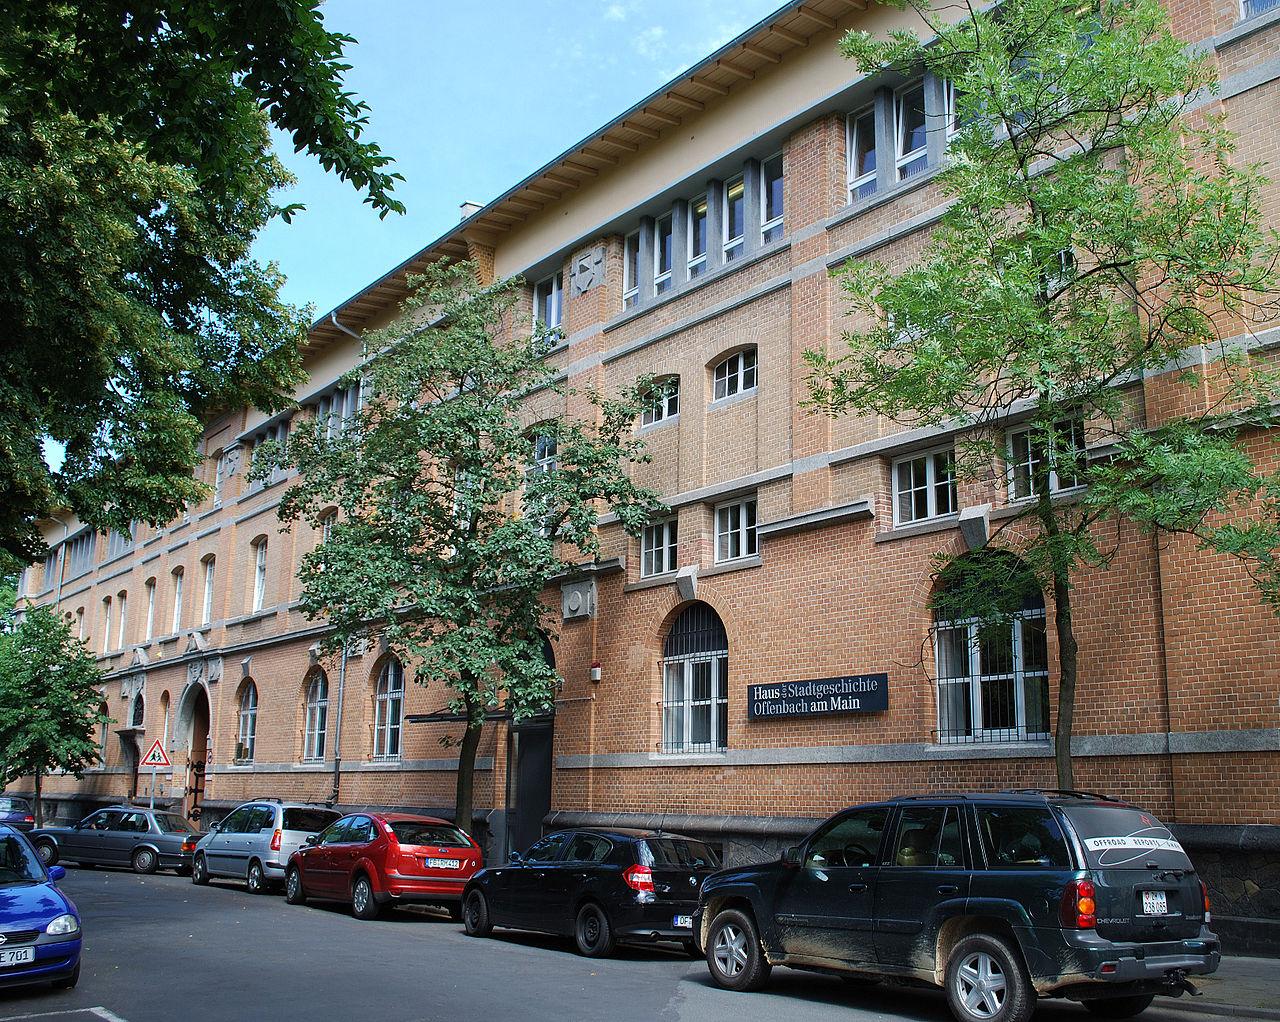 Bild Haus der Stadtgeschichte Offenbach am Main